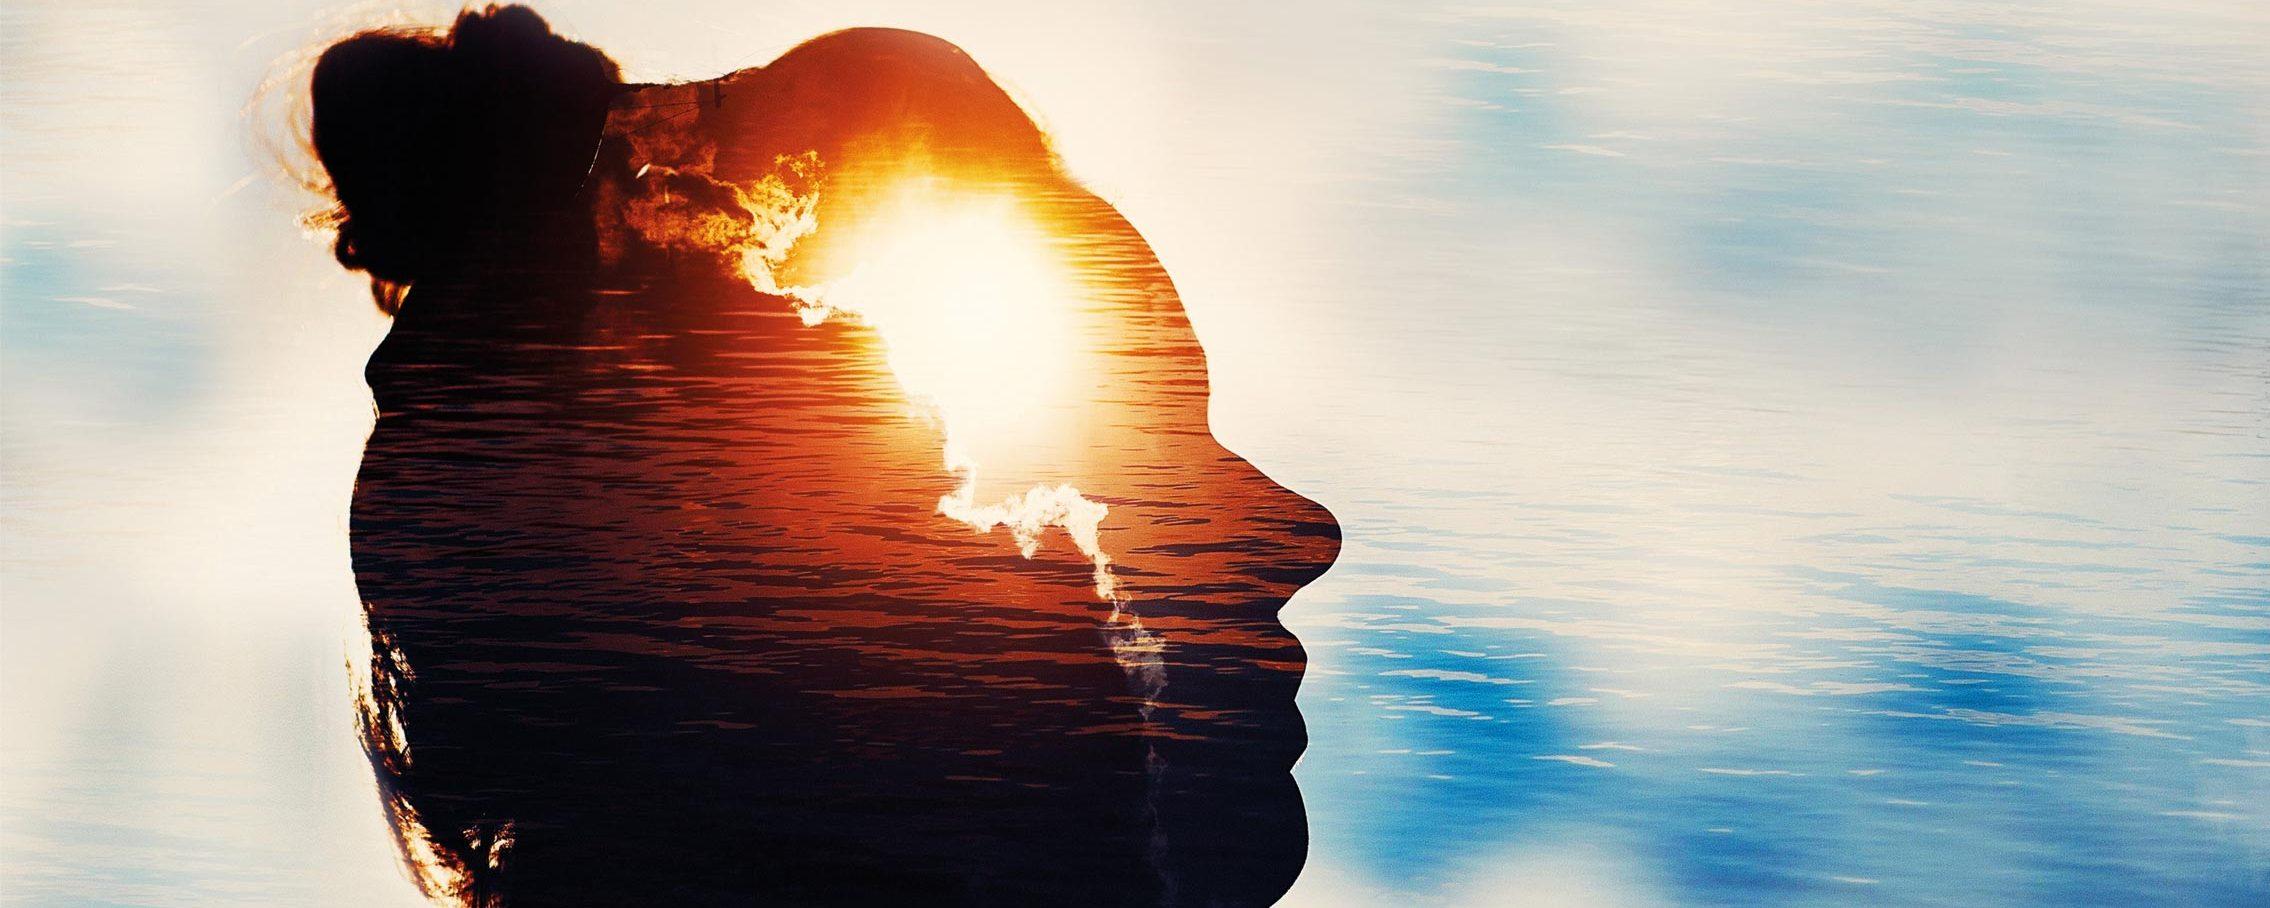 Hypnose : utilisez votre inconscient, il détient les clés de votre santé